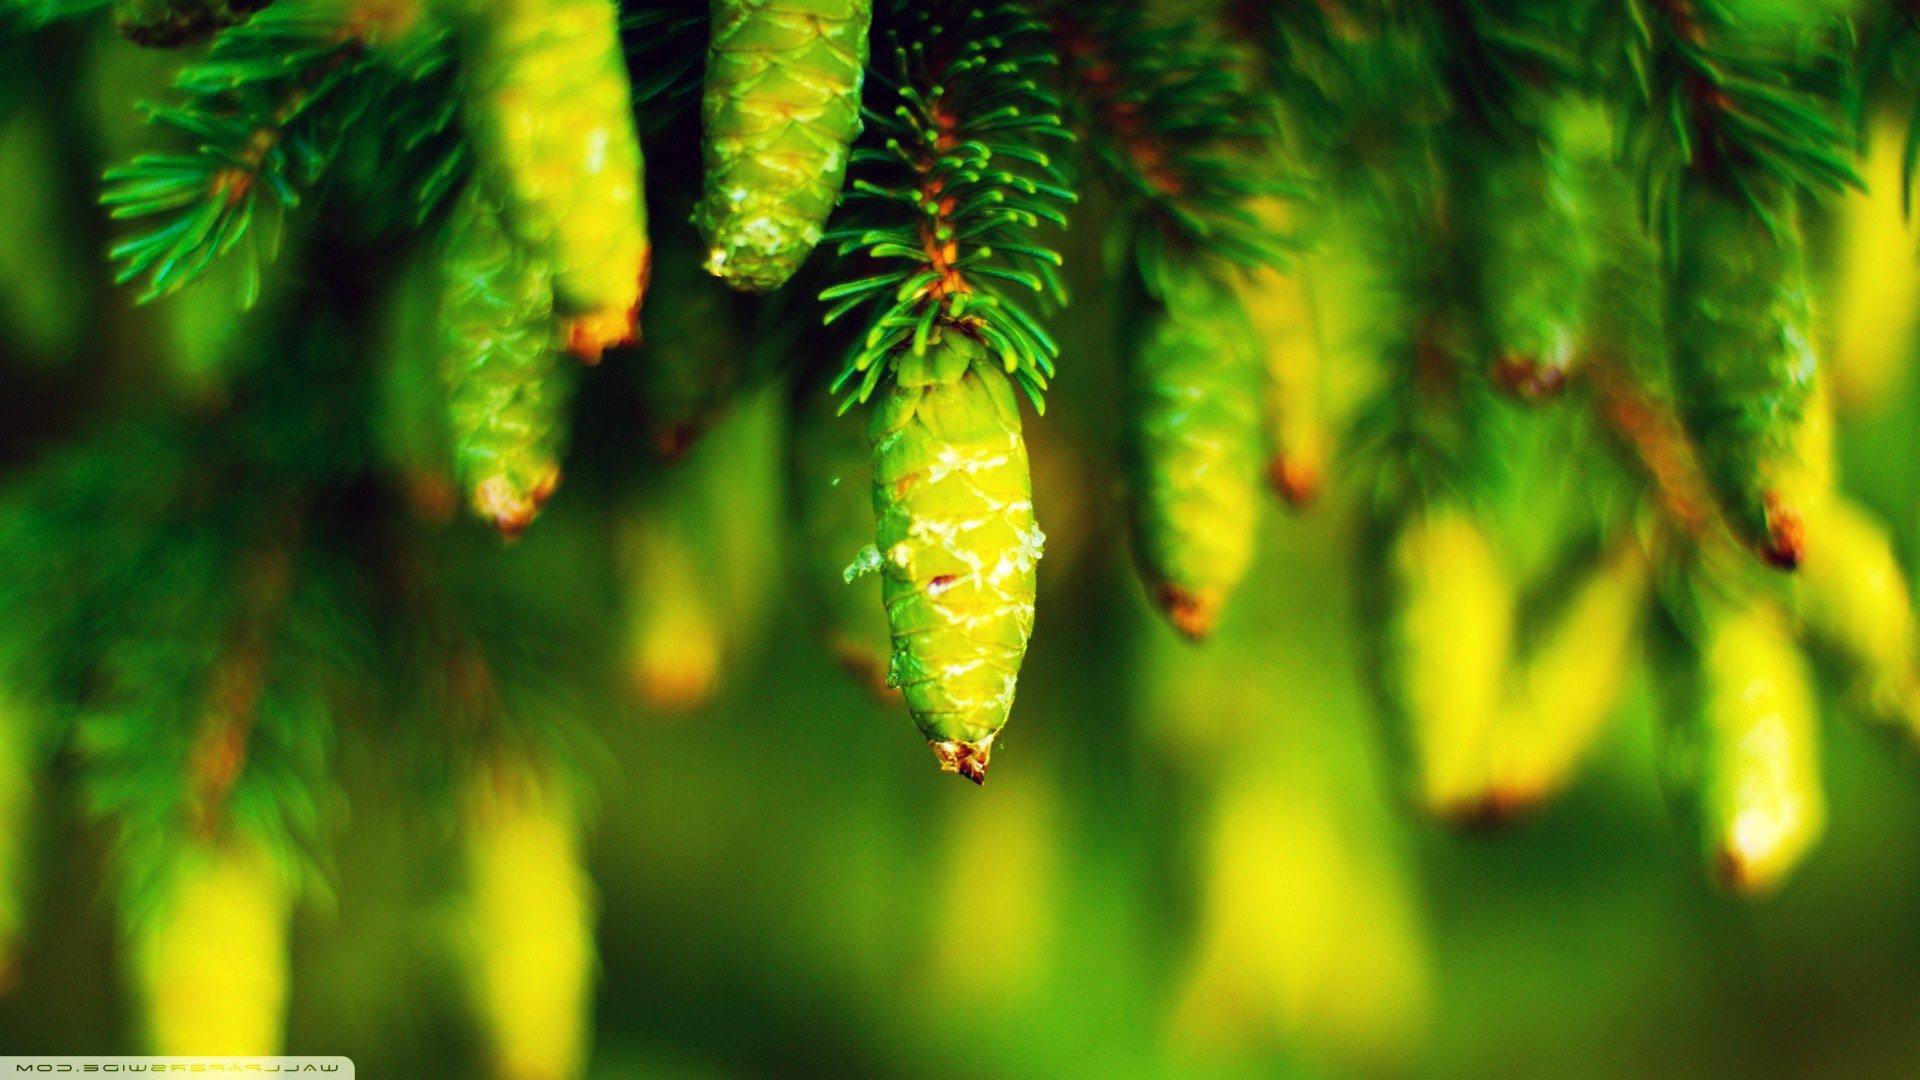 природа, растения, шишки, хвойное дерево